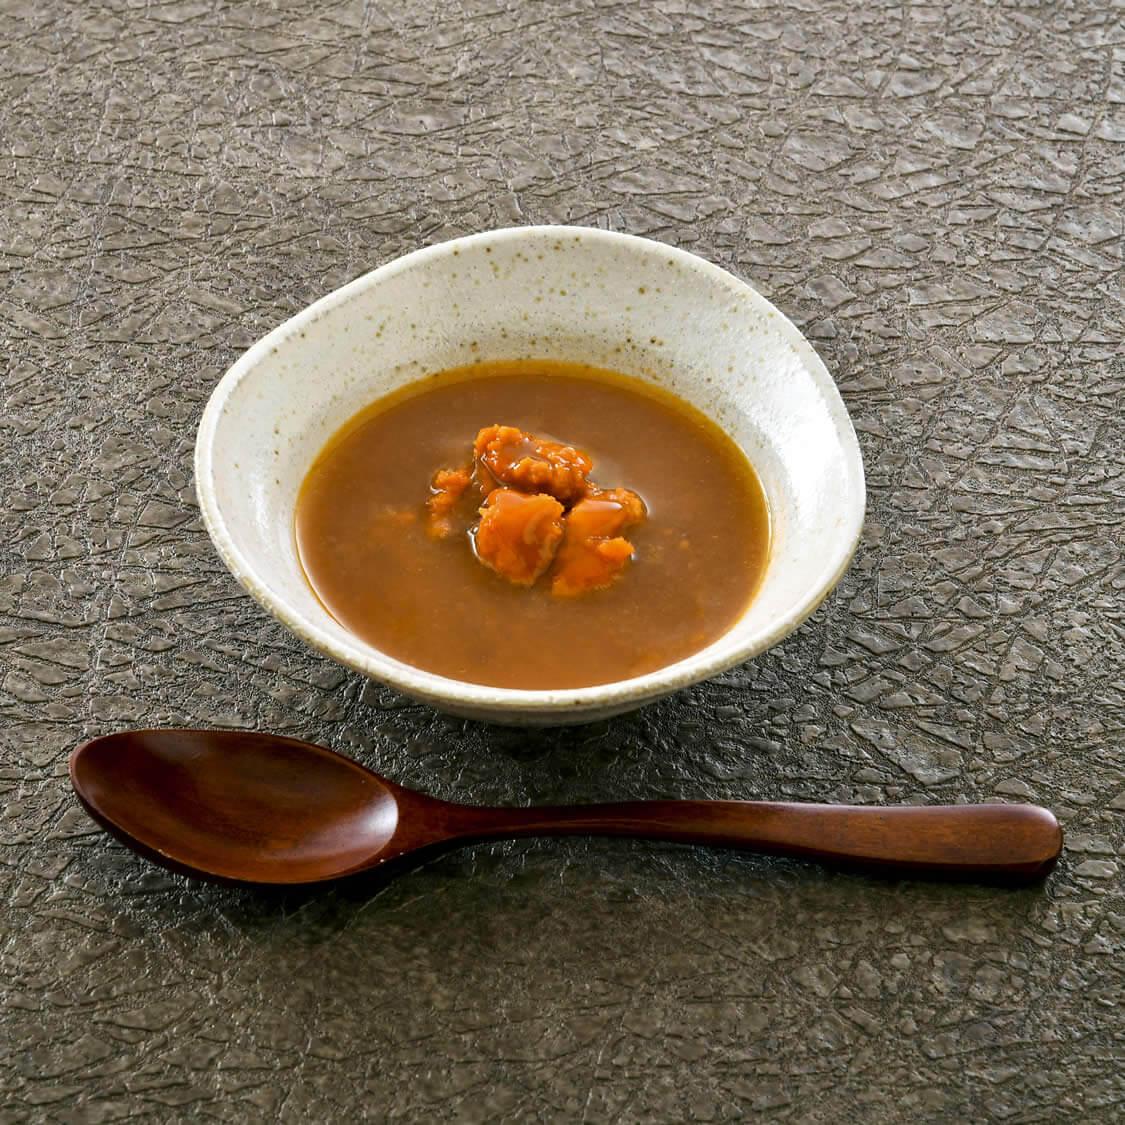 エシカルP・雲丹のスープ